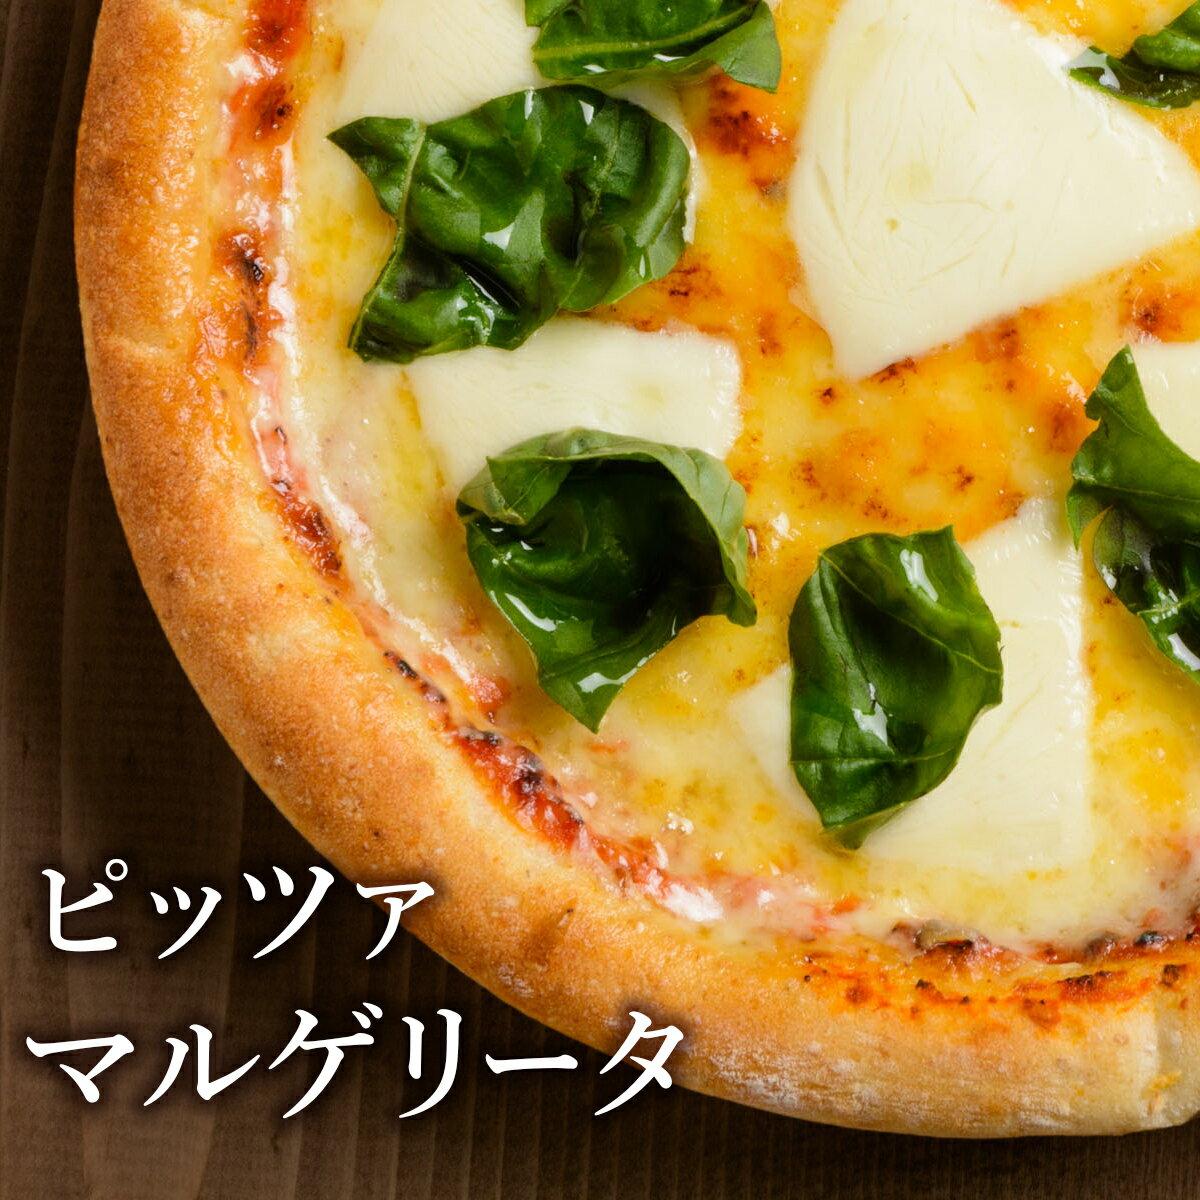 ピザ冷凍 / マルゲリータ(モッツァレラチーズと沖縄産バジルのシンプルで飽きないピザ)/ さっぱりチーズ・ライ麦全粒粉ブレンド生地・直径役20cm